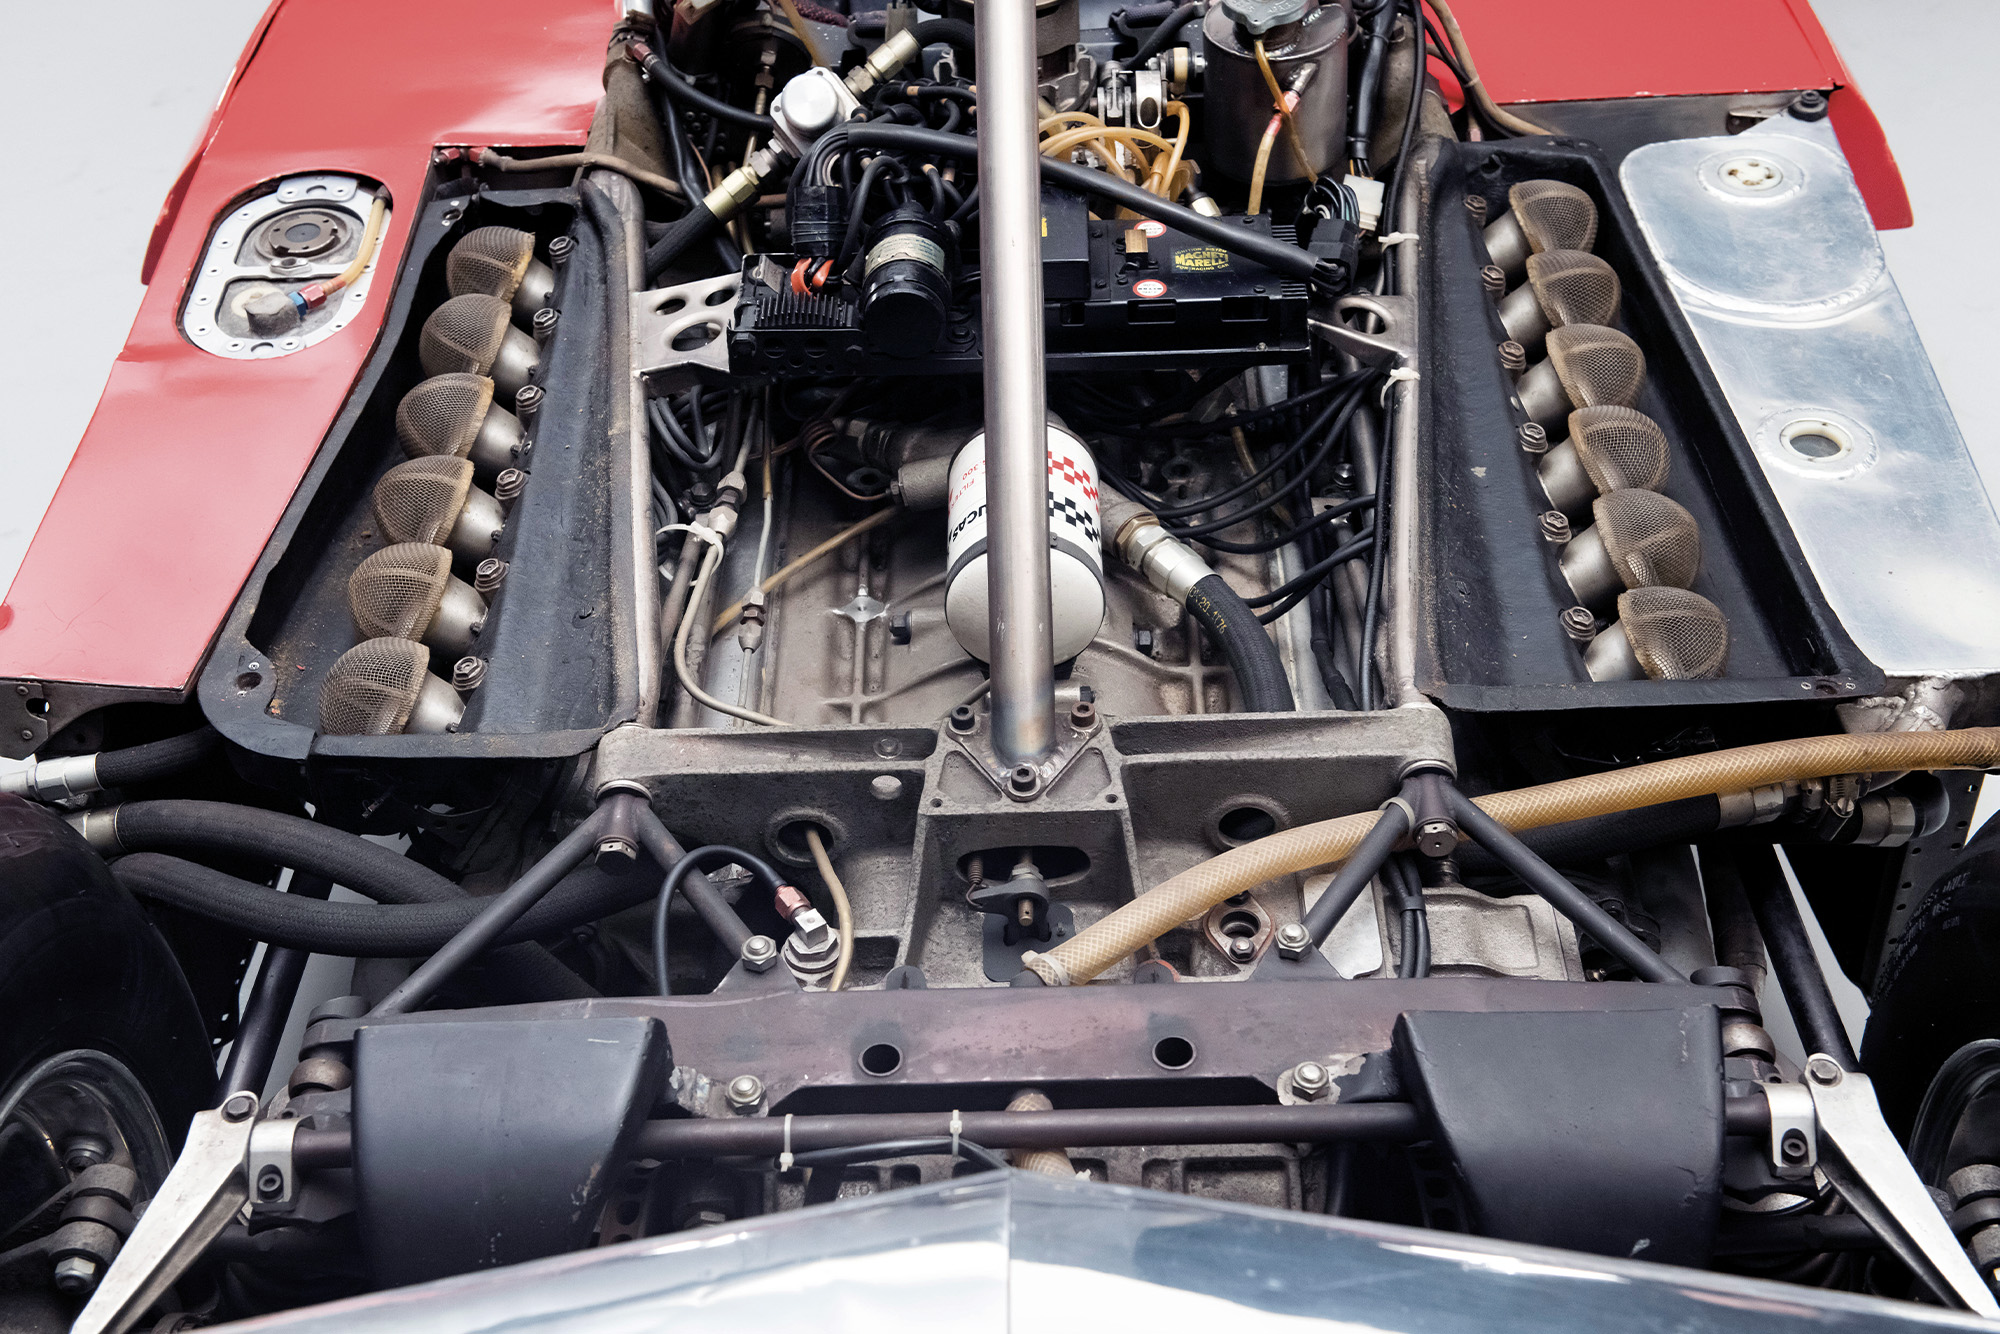 Engine of the 1975 Ferrari 312T